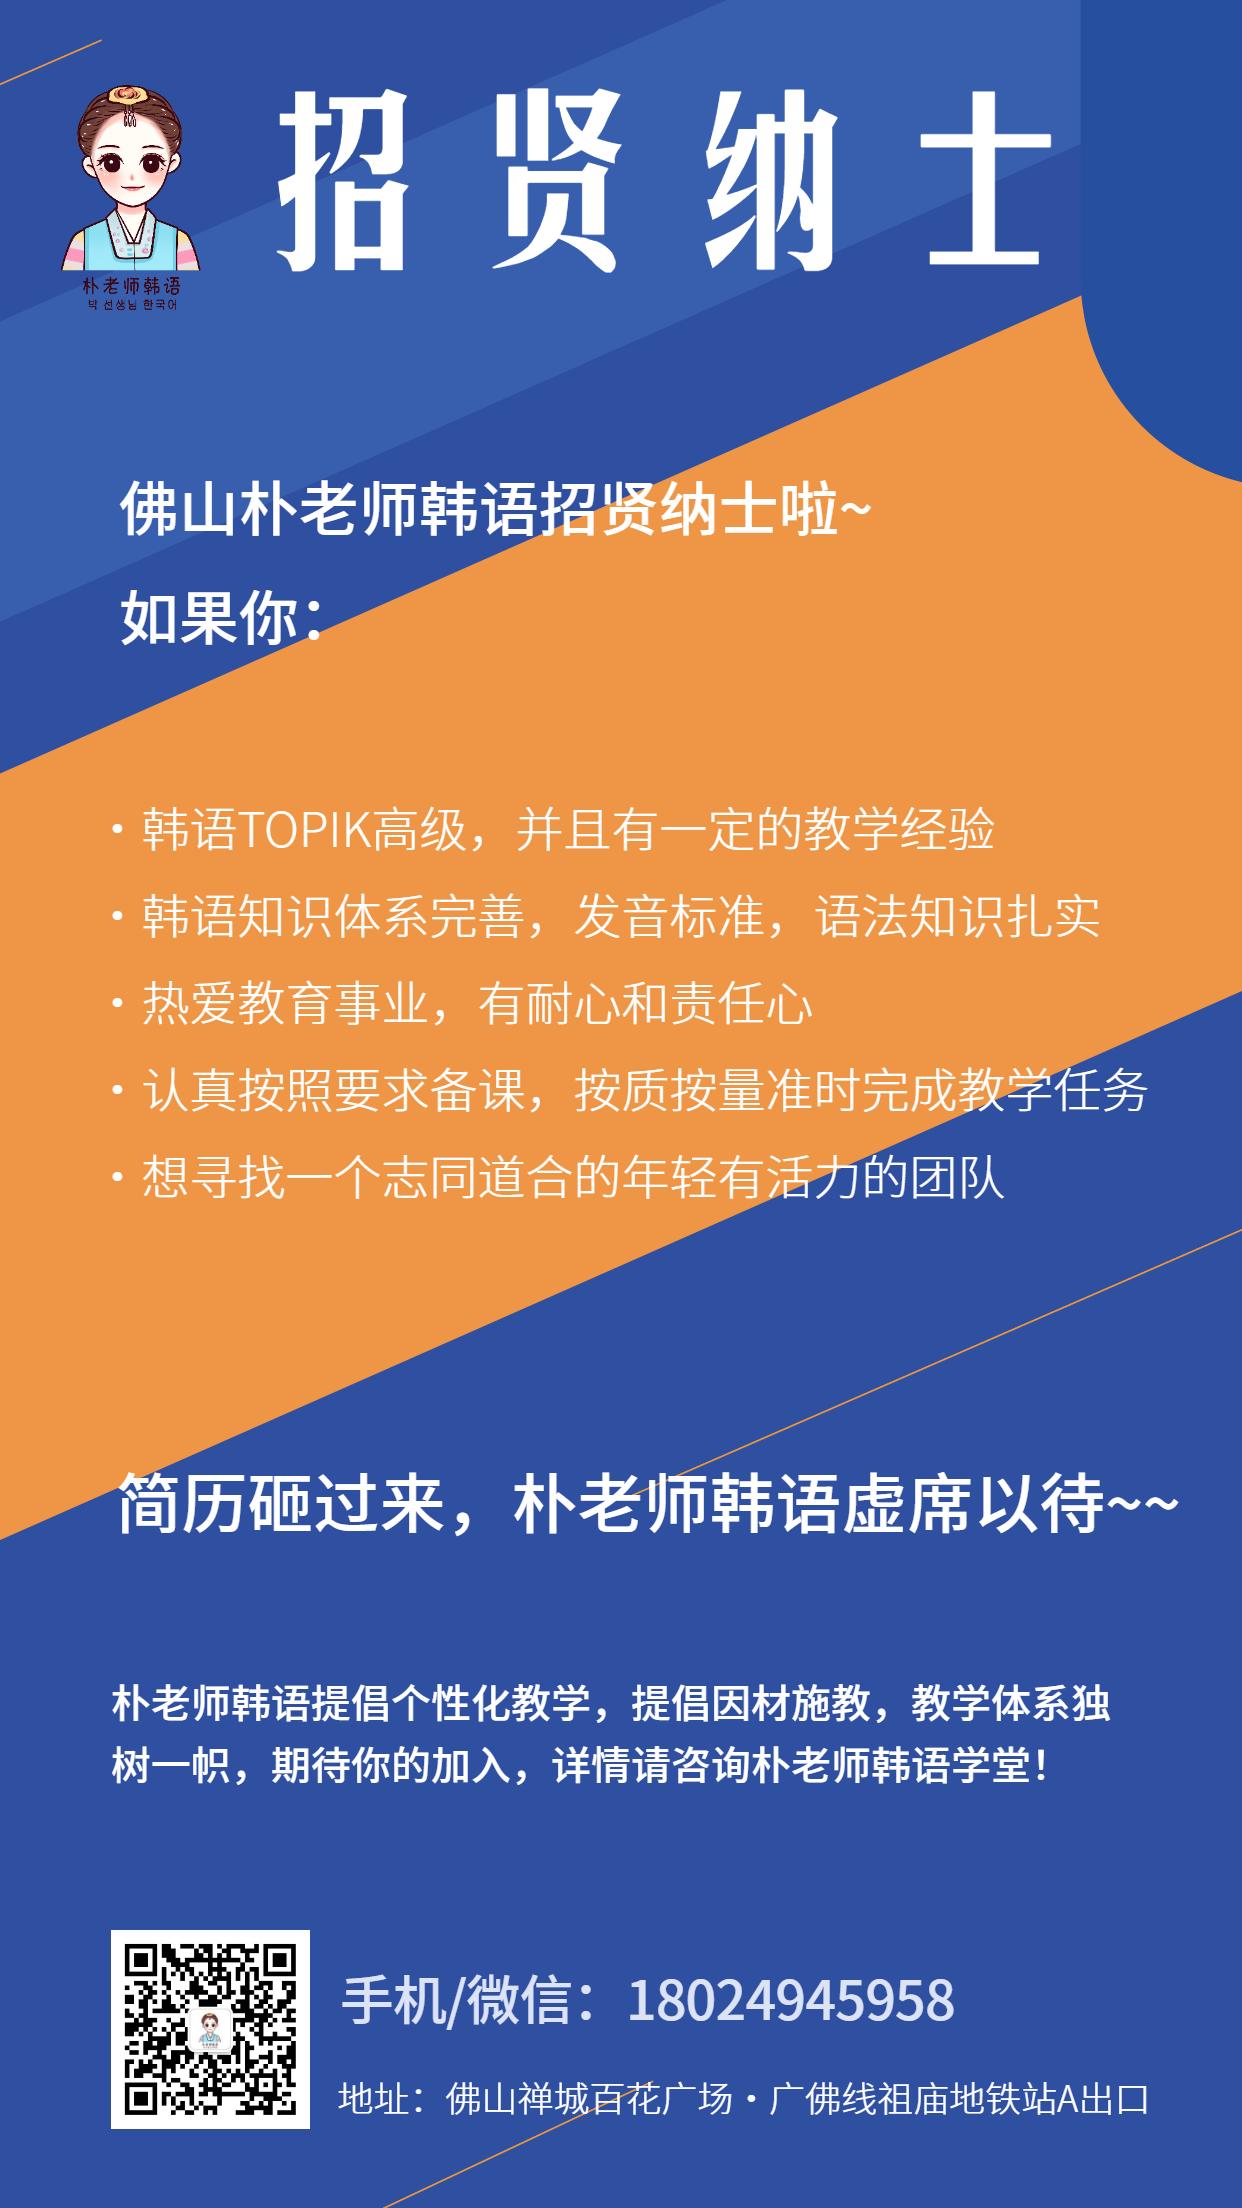 佛山南海禅城顺德韩语老师招聘